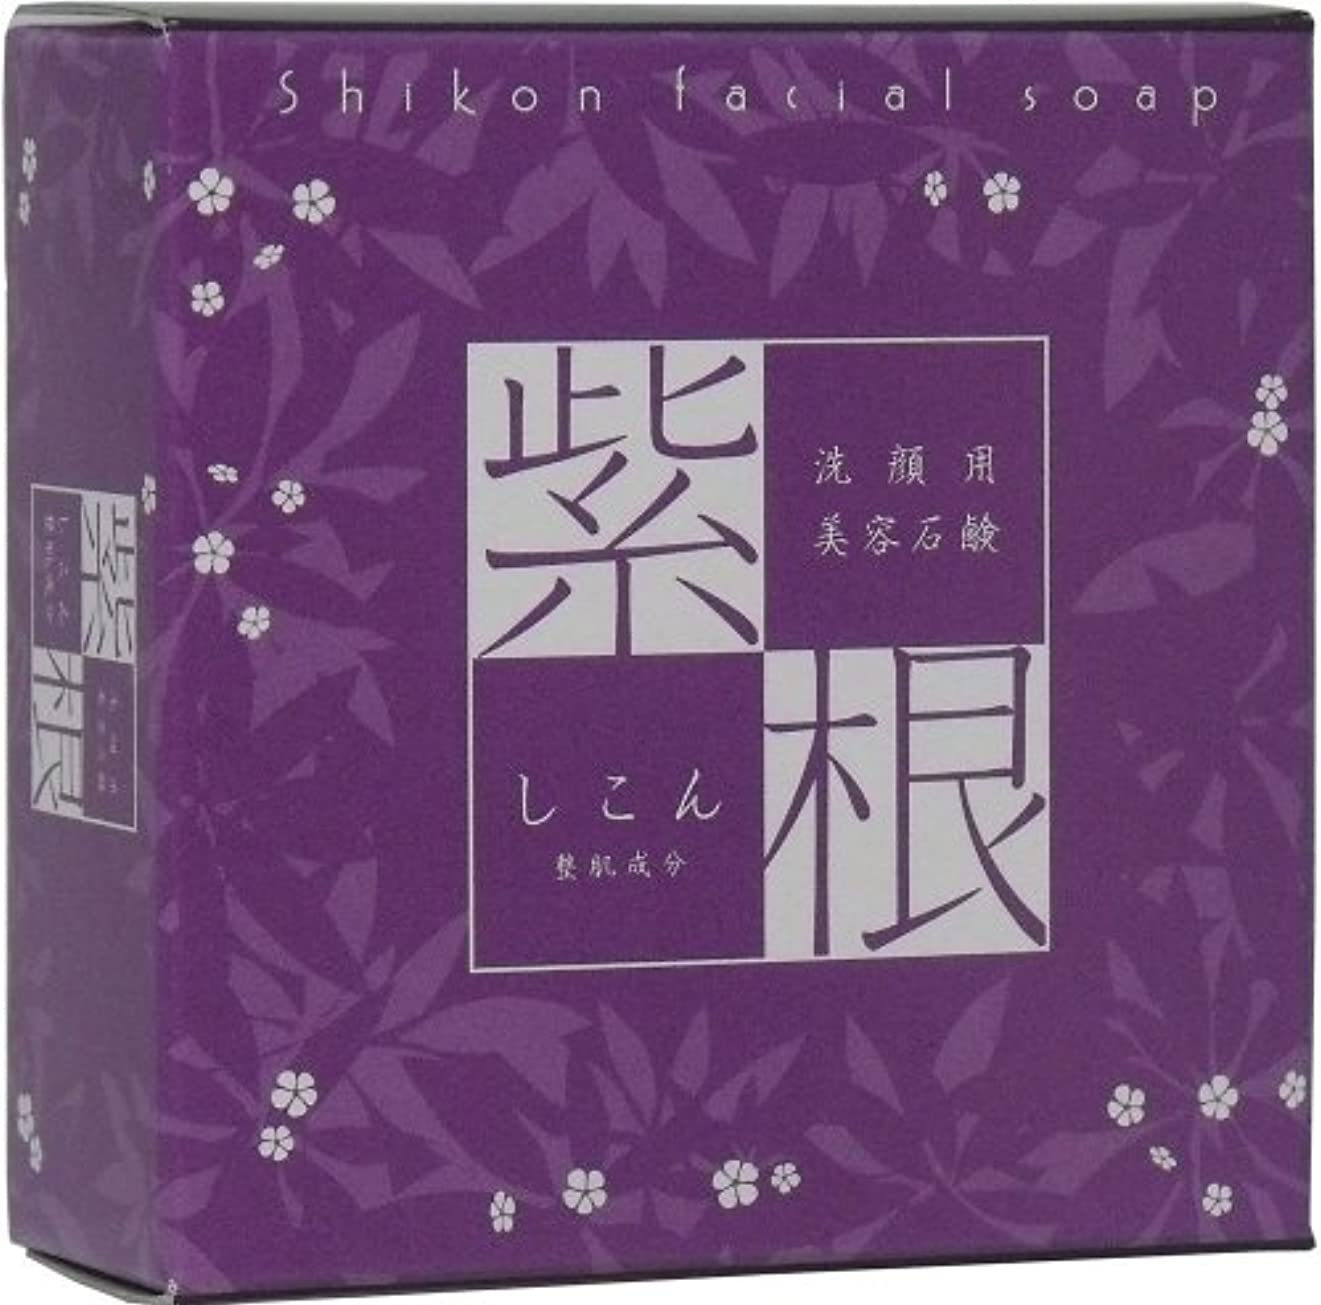 有効な繊細リビジョン洗顔用 紫根石けん (泡立てネット付き) 100g ×6個セット